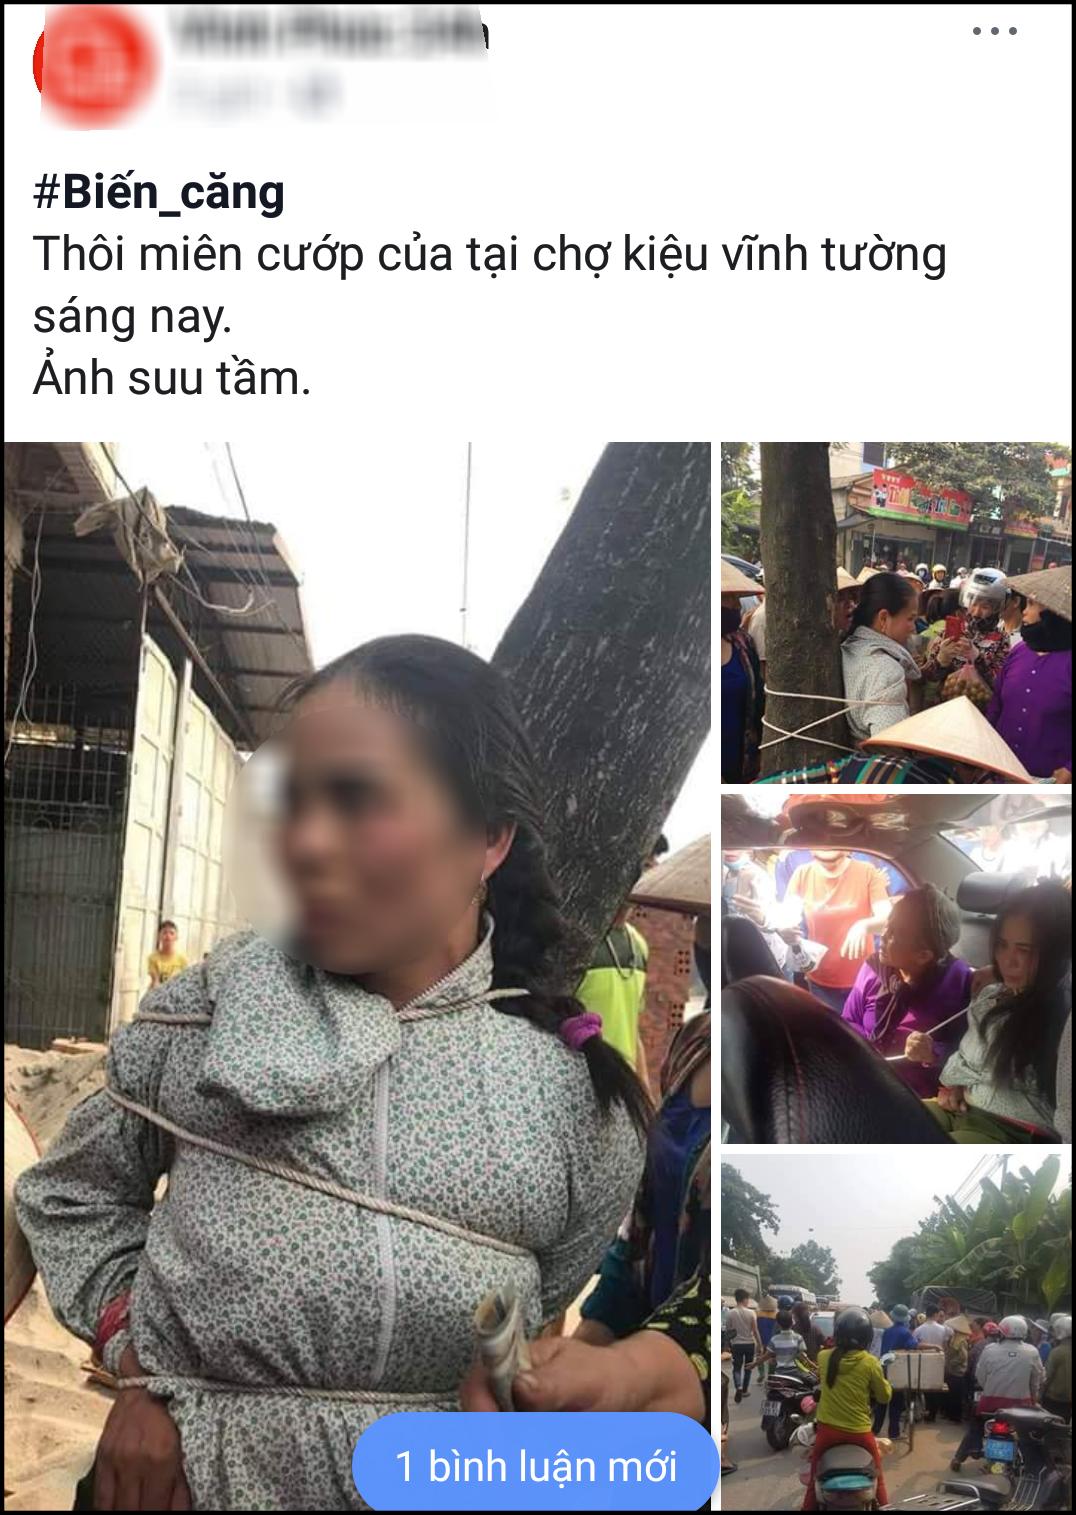 Thực hư chuyện người phụ nữ bị trói vào gốc cây vì thôi miên cướp tài sản ở Vĩnh Phúc-1